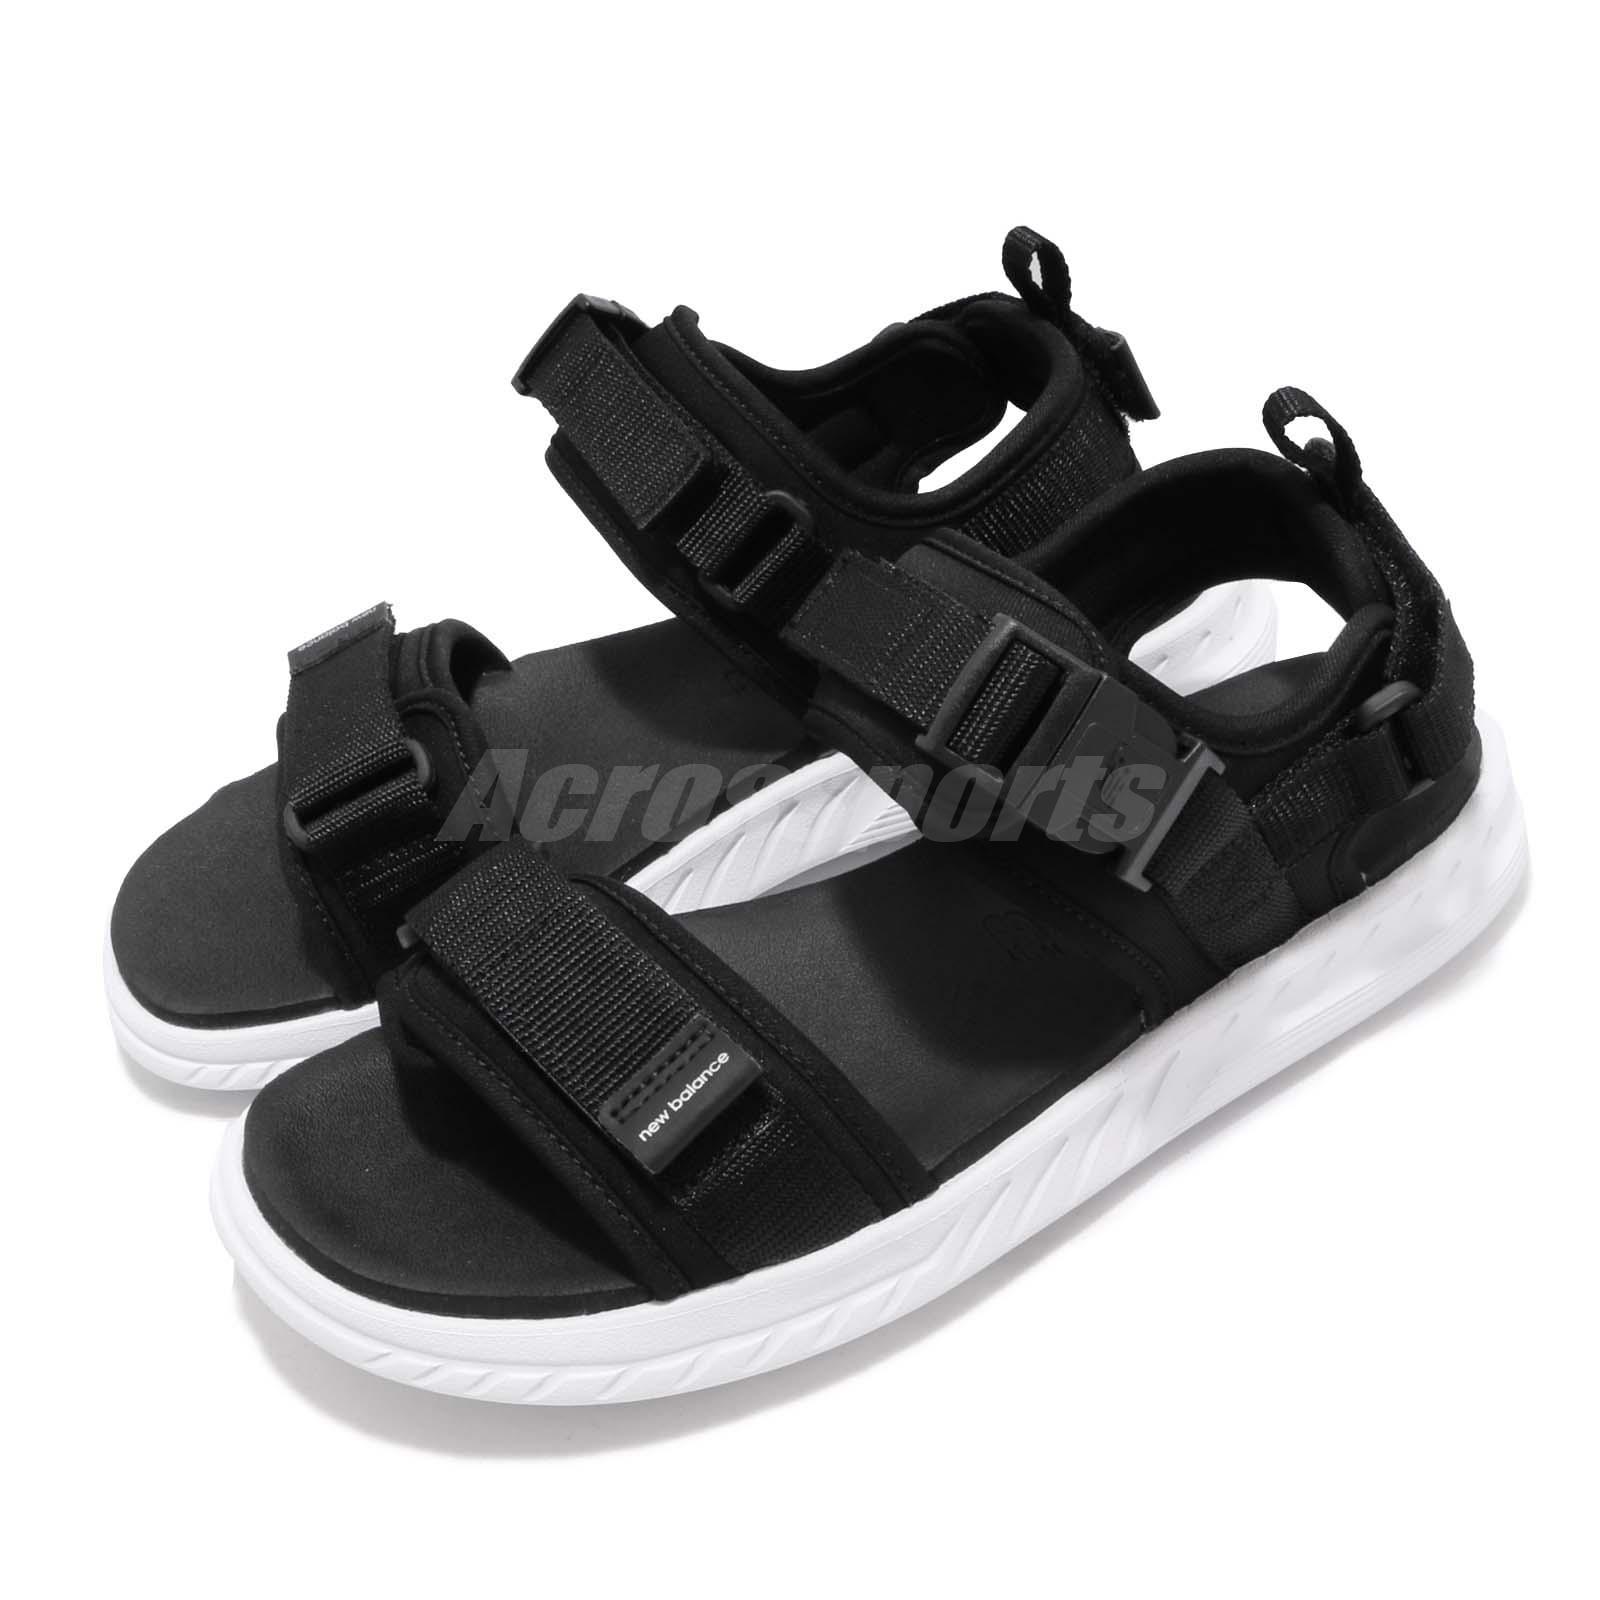 White Mens Womens Sandal Summer Slide